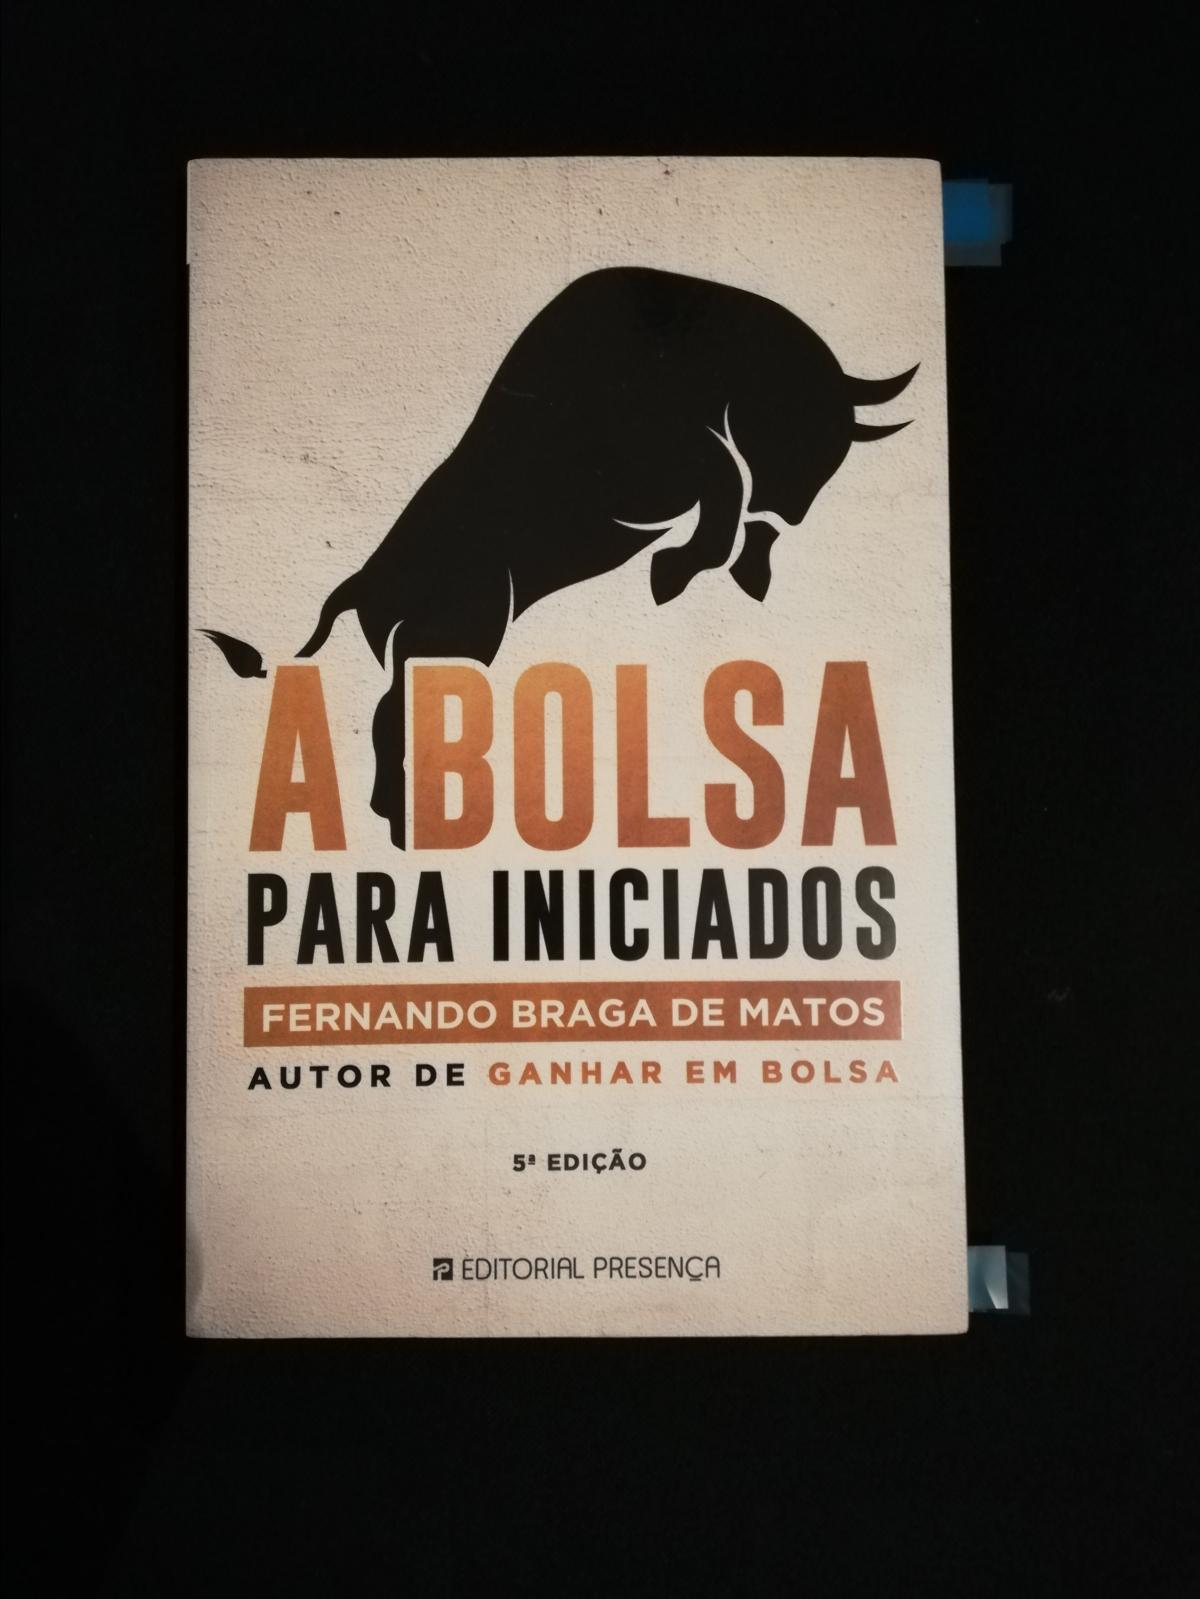 """A minha biblioteca: """"A bolsa para iniciados"""" de Fernando Braga deMatos"""